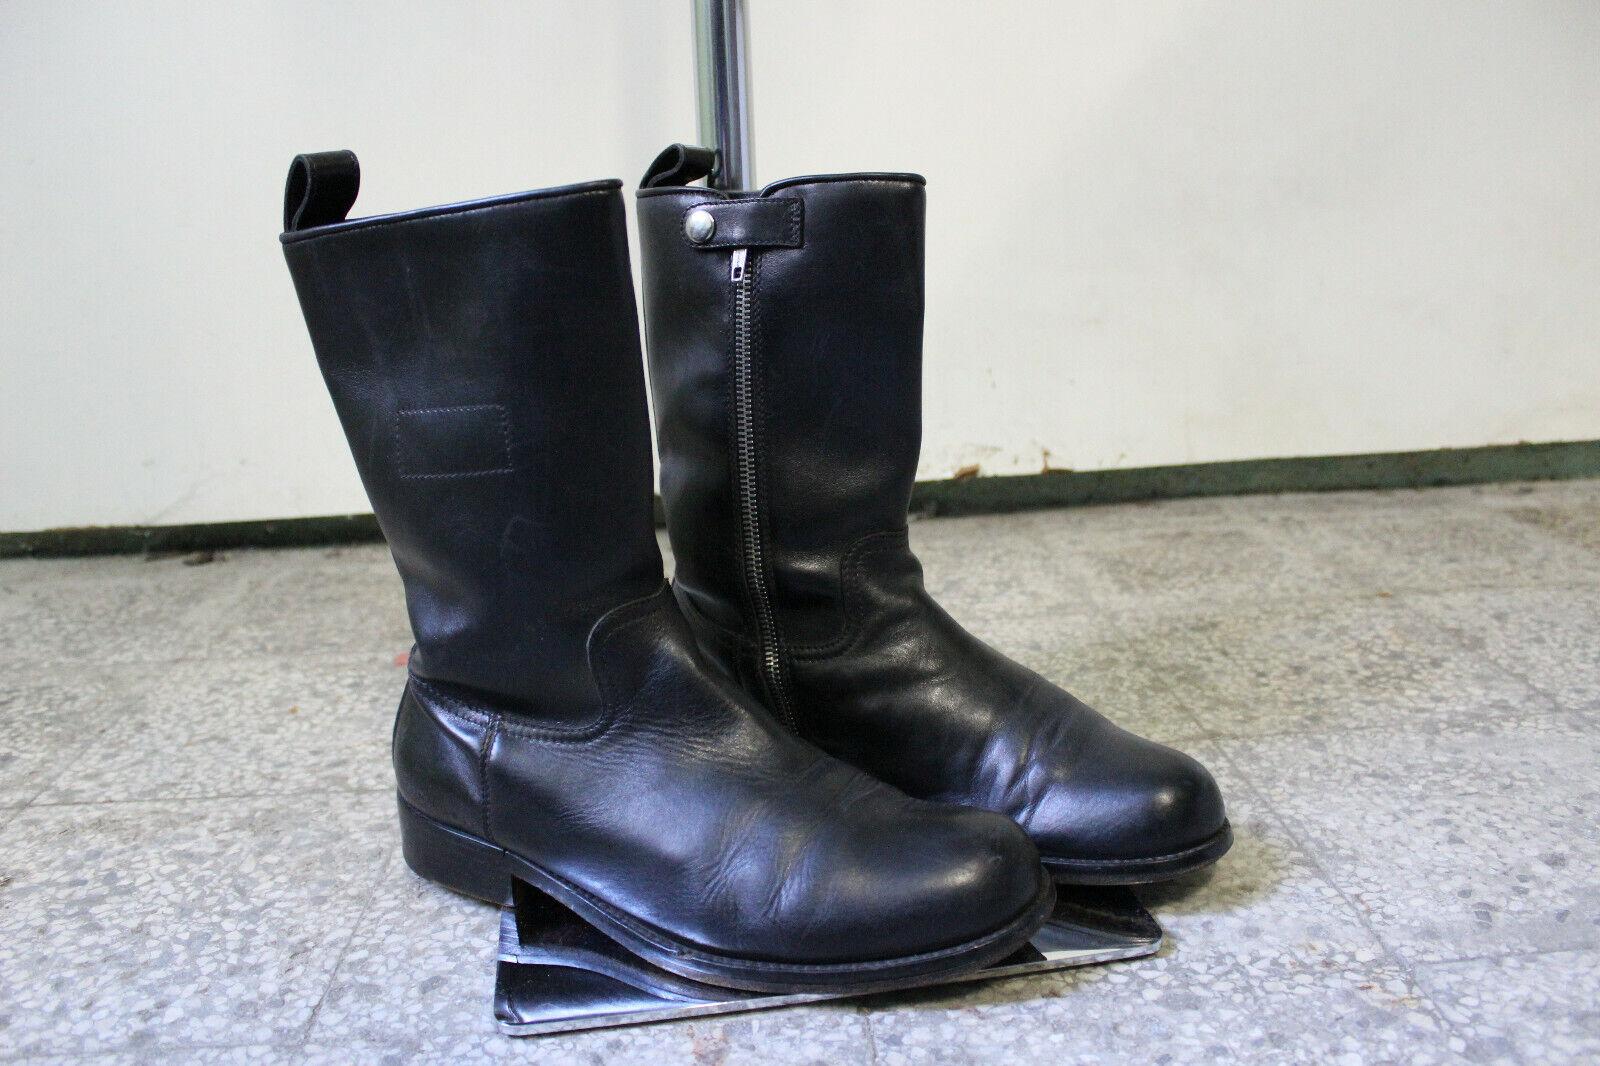 DSQUArot2  Stiefel Stiefel schuhe schuhe damen WOMAN N.39 N.39 N.39 PELLE LEATHER   VA977 6650ec